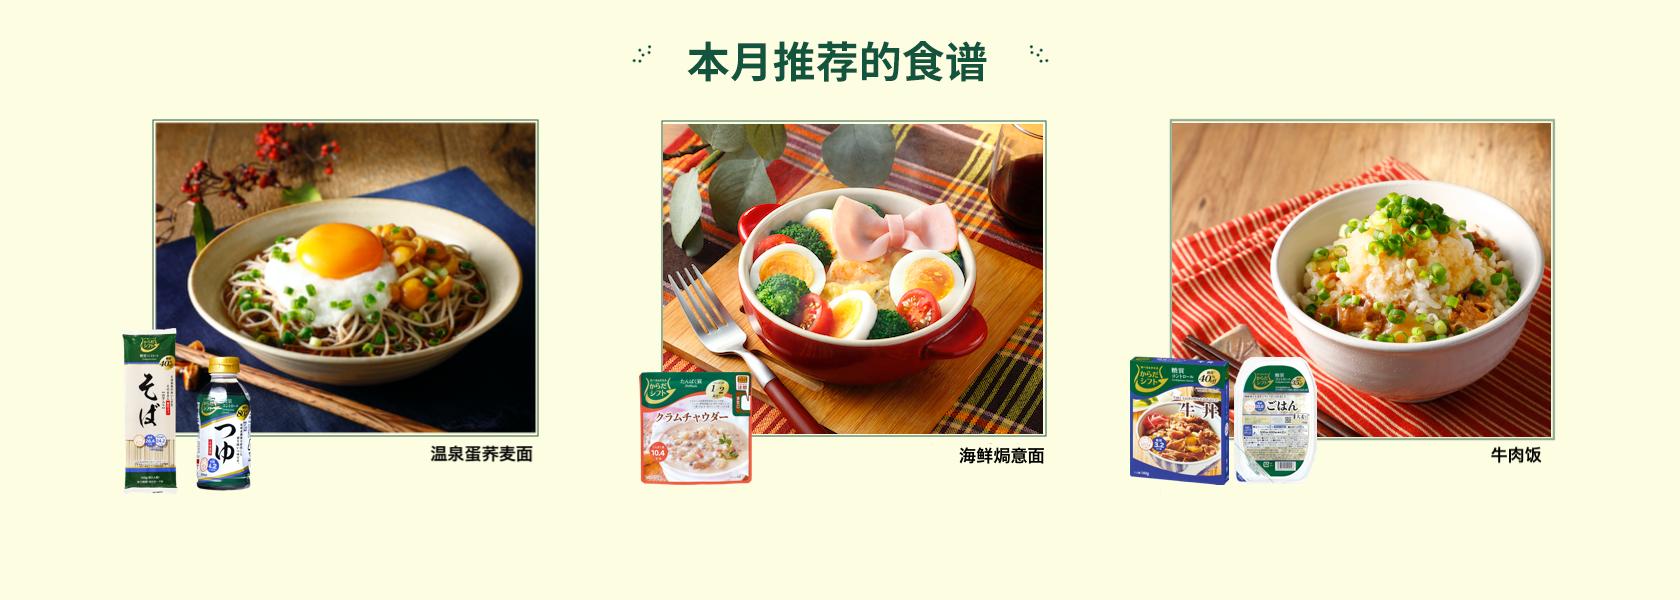 本月推荐食谱:Gorotto牛排心沙拉,烤鸡玉米汤汁,牛肉泡菜寿喜烧式乌冬面